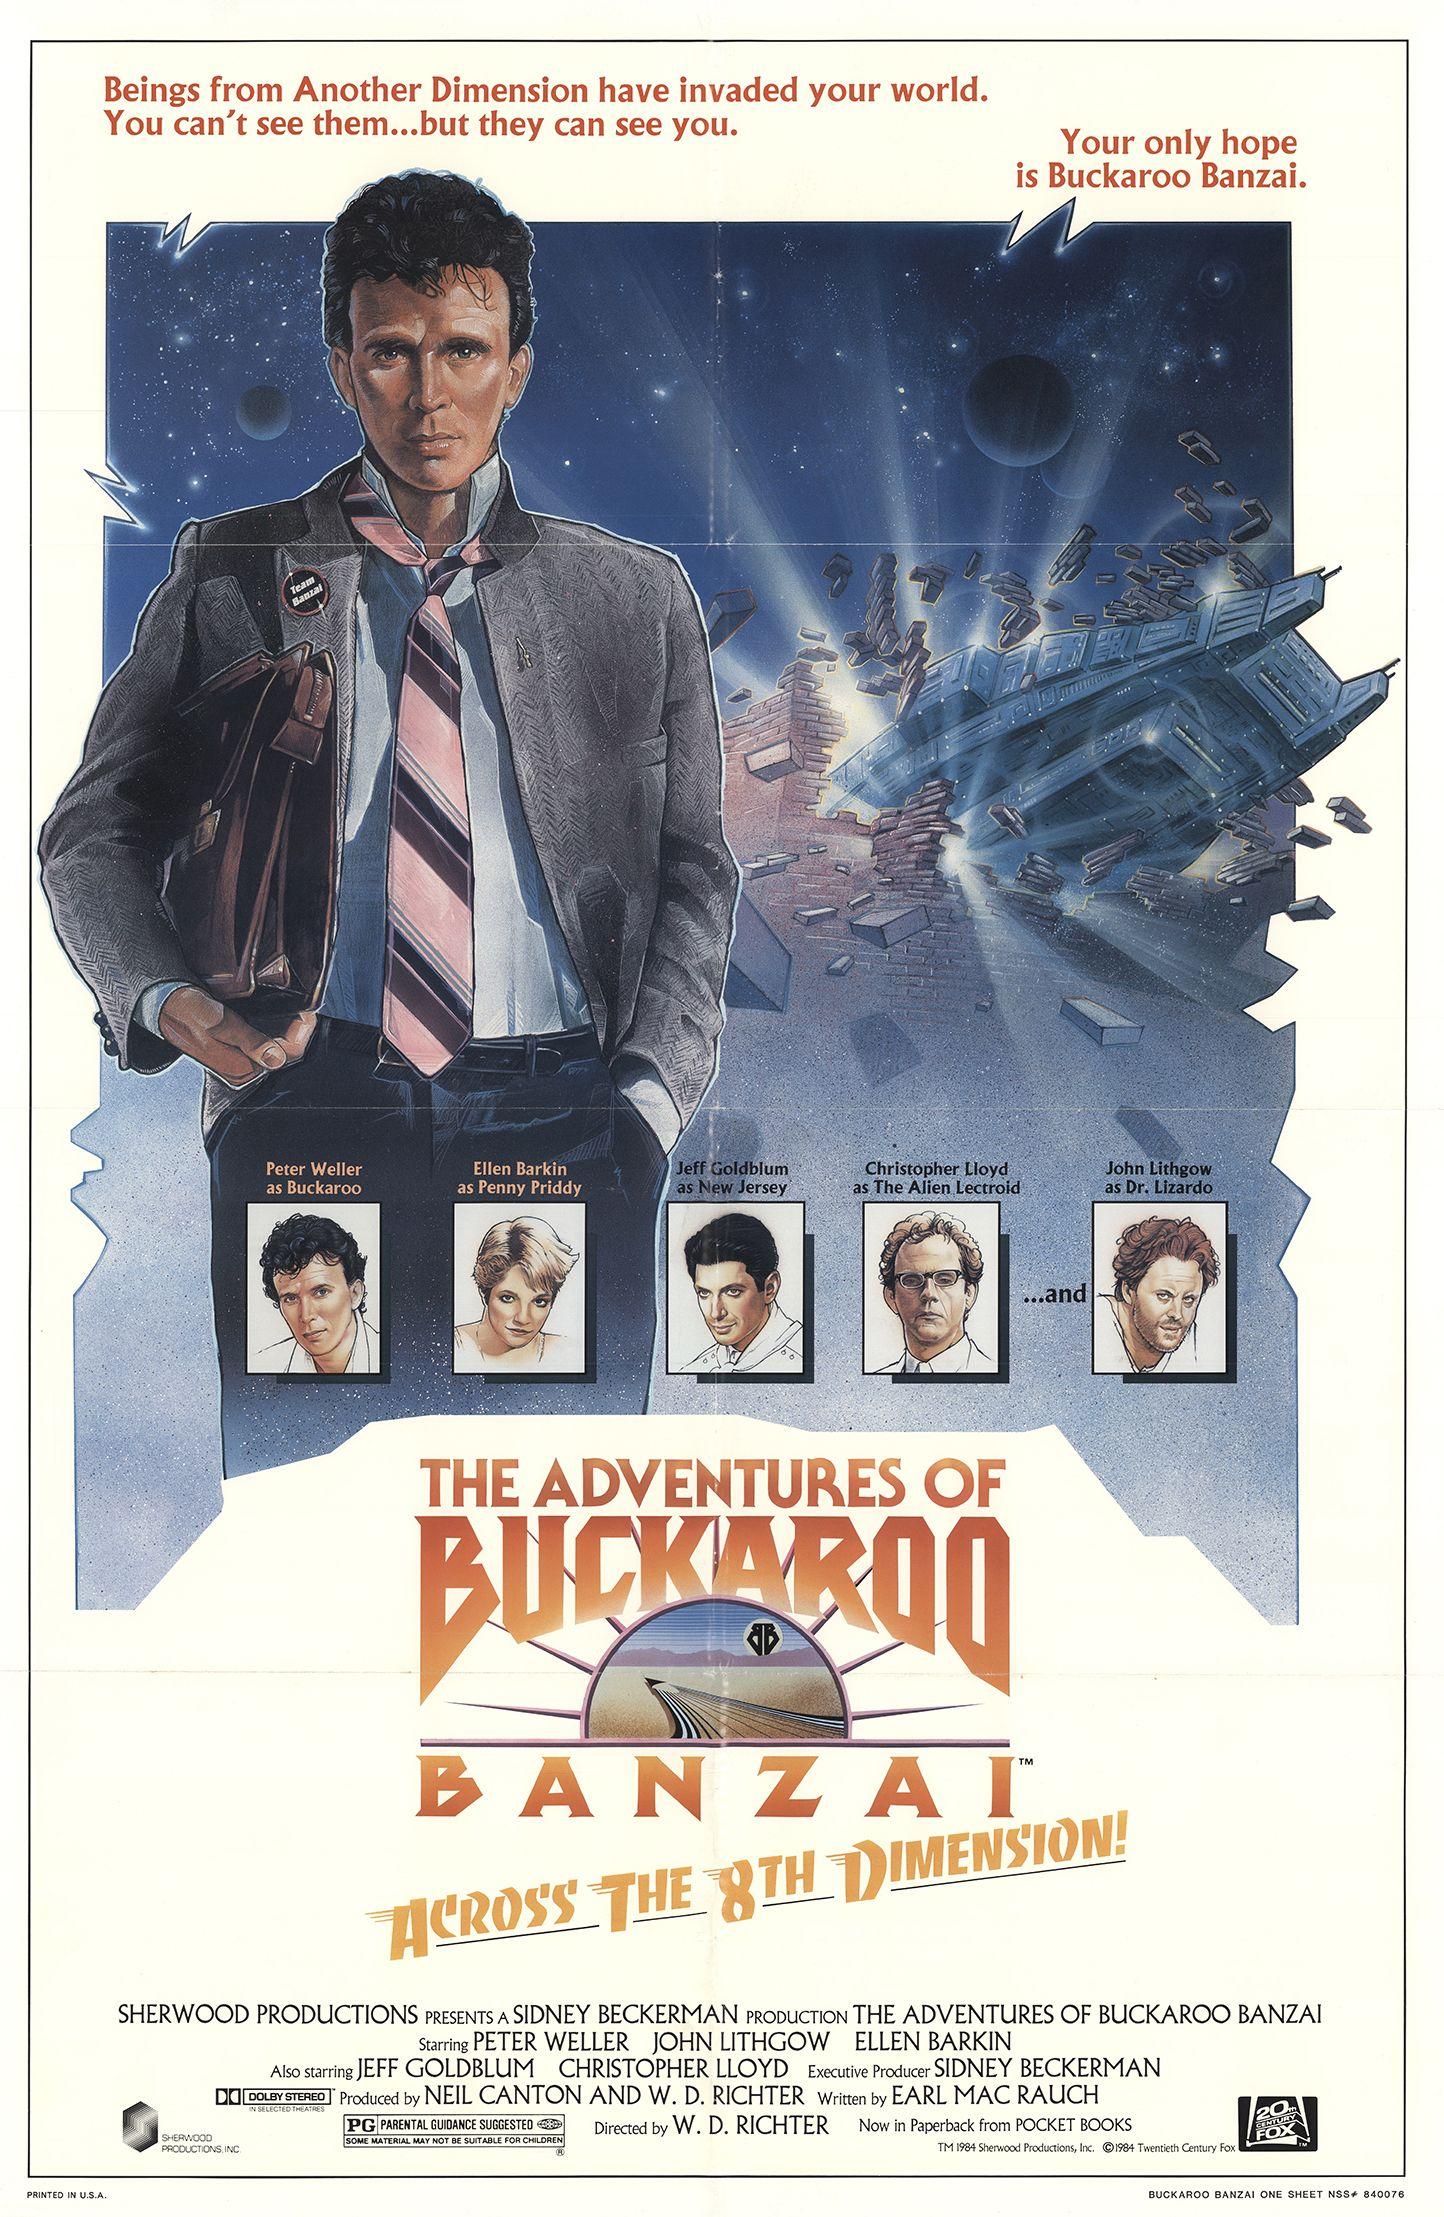 The Adventures of Buckaroo Banzai Across the 8th Dimension kapak